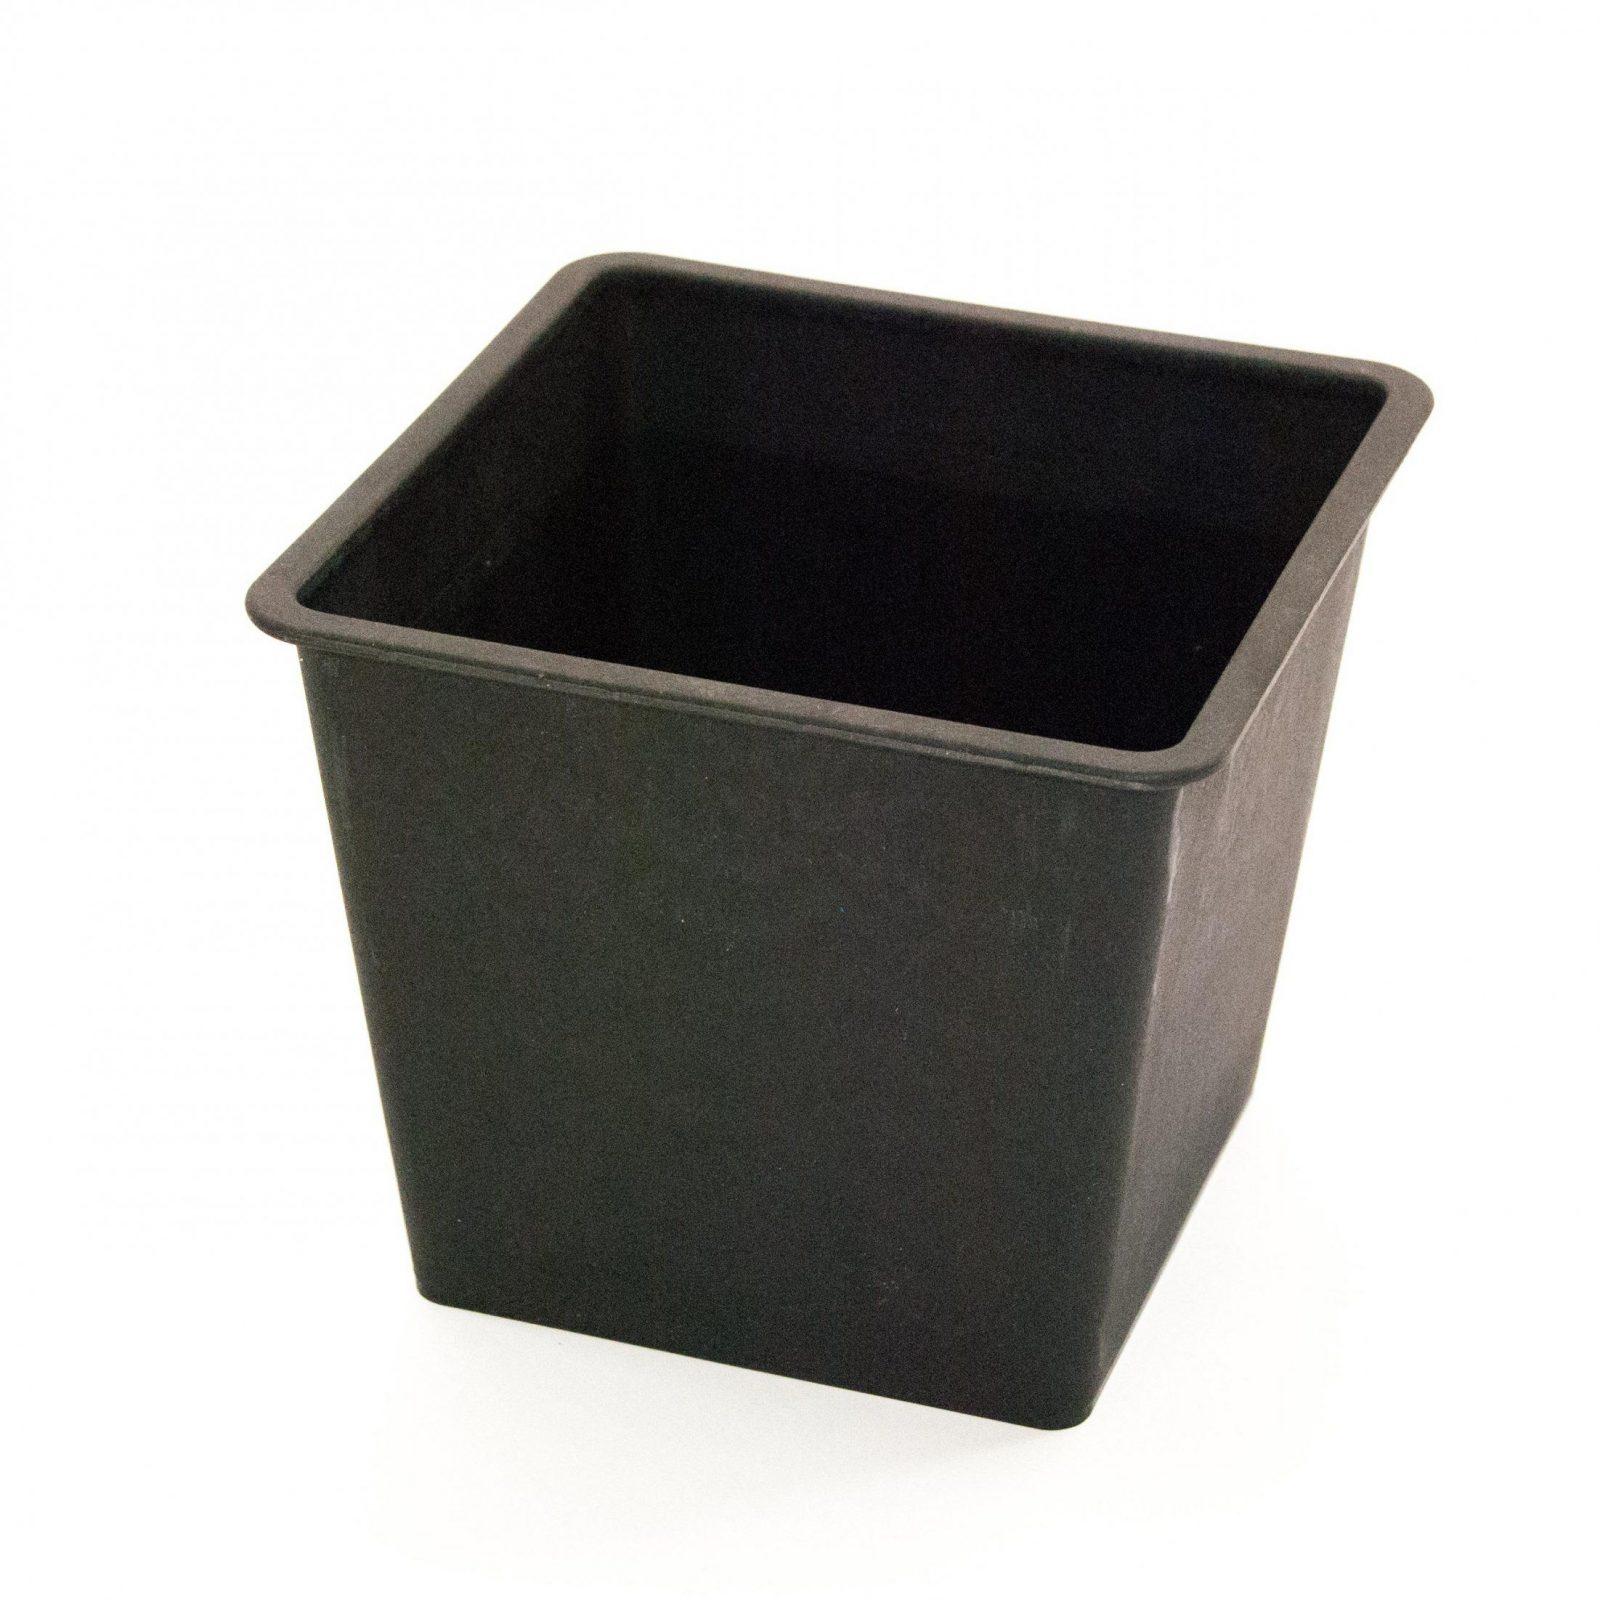 pflanzk bel zink vivanno von pflanzk bel 80 cm durchmesser photo haus design ideen. Black Bedroom Furniture Sets. Home Design Ideas